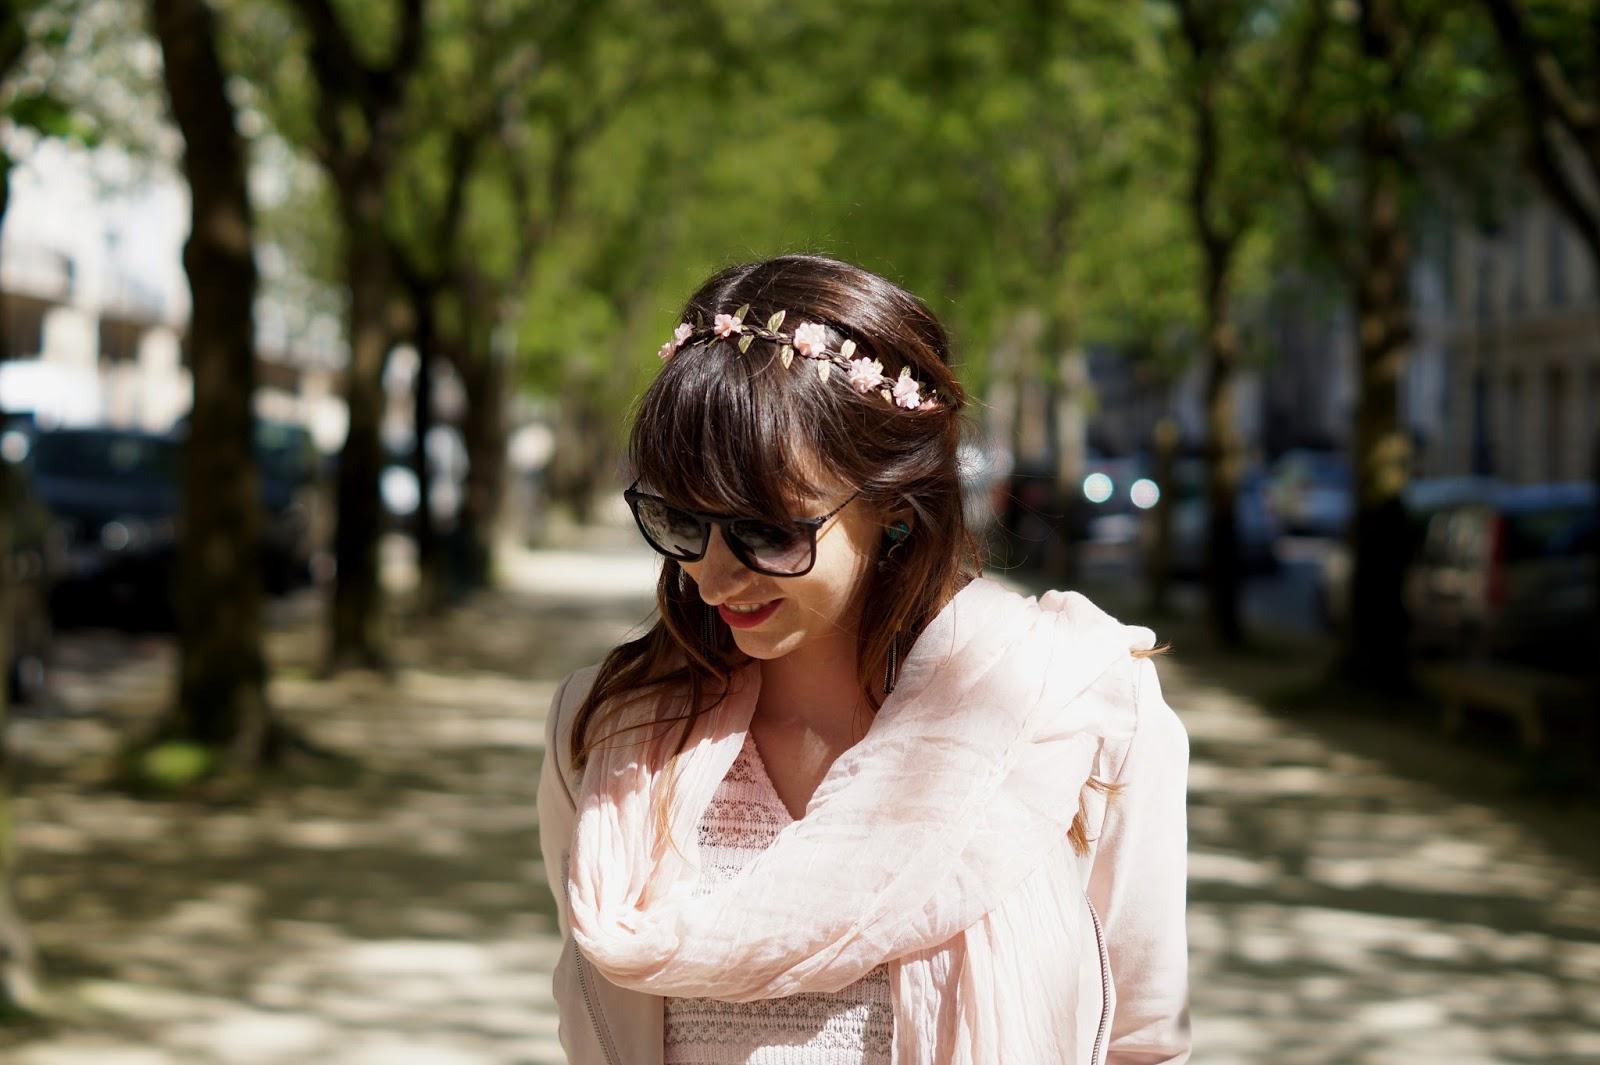 Spring Jacket Chicas De Revista Blog Bordeaux